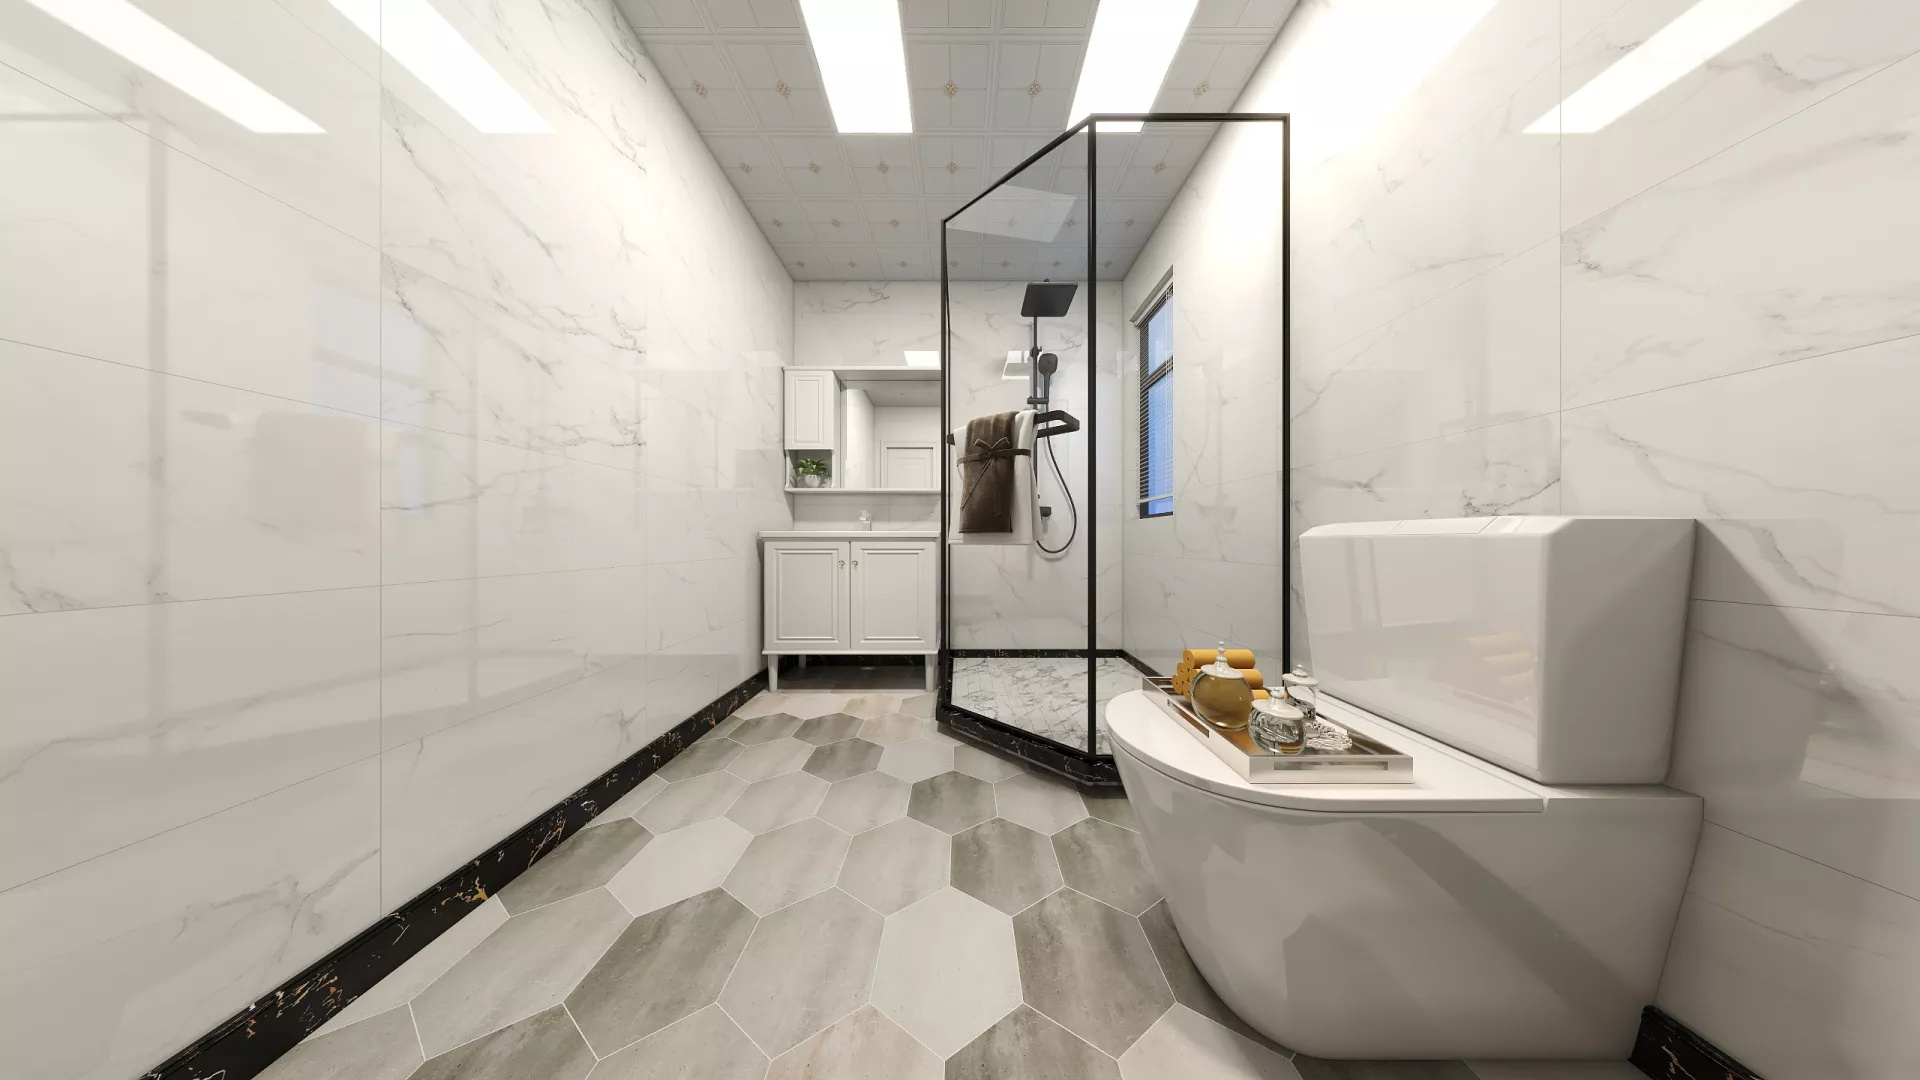 卫浴间洗手池要安装多高 卫浴间洗手池安装高度是多少